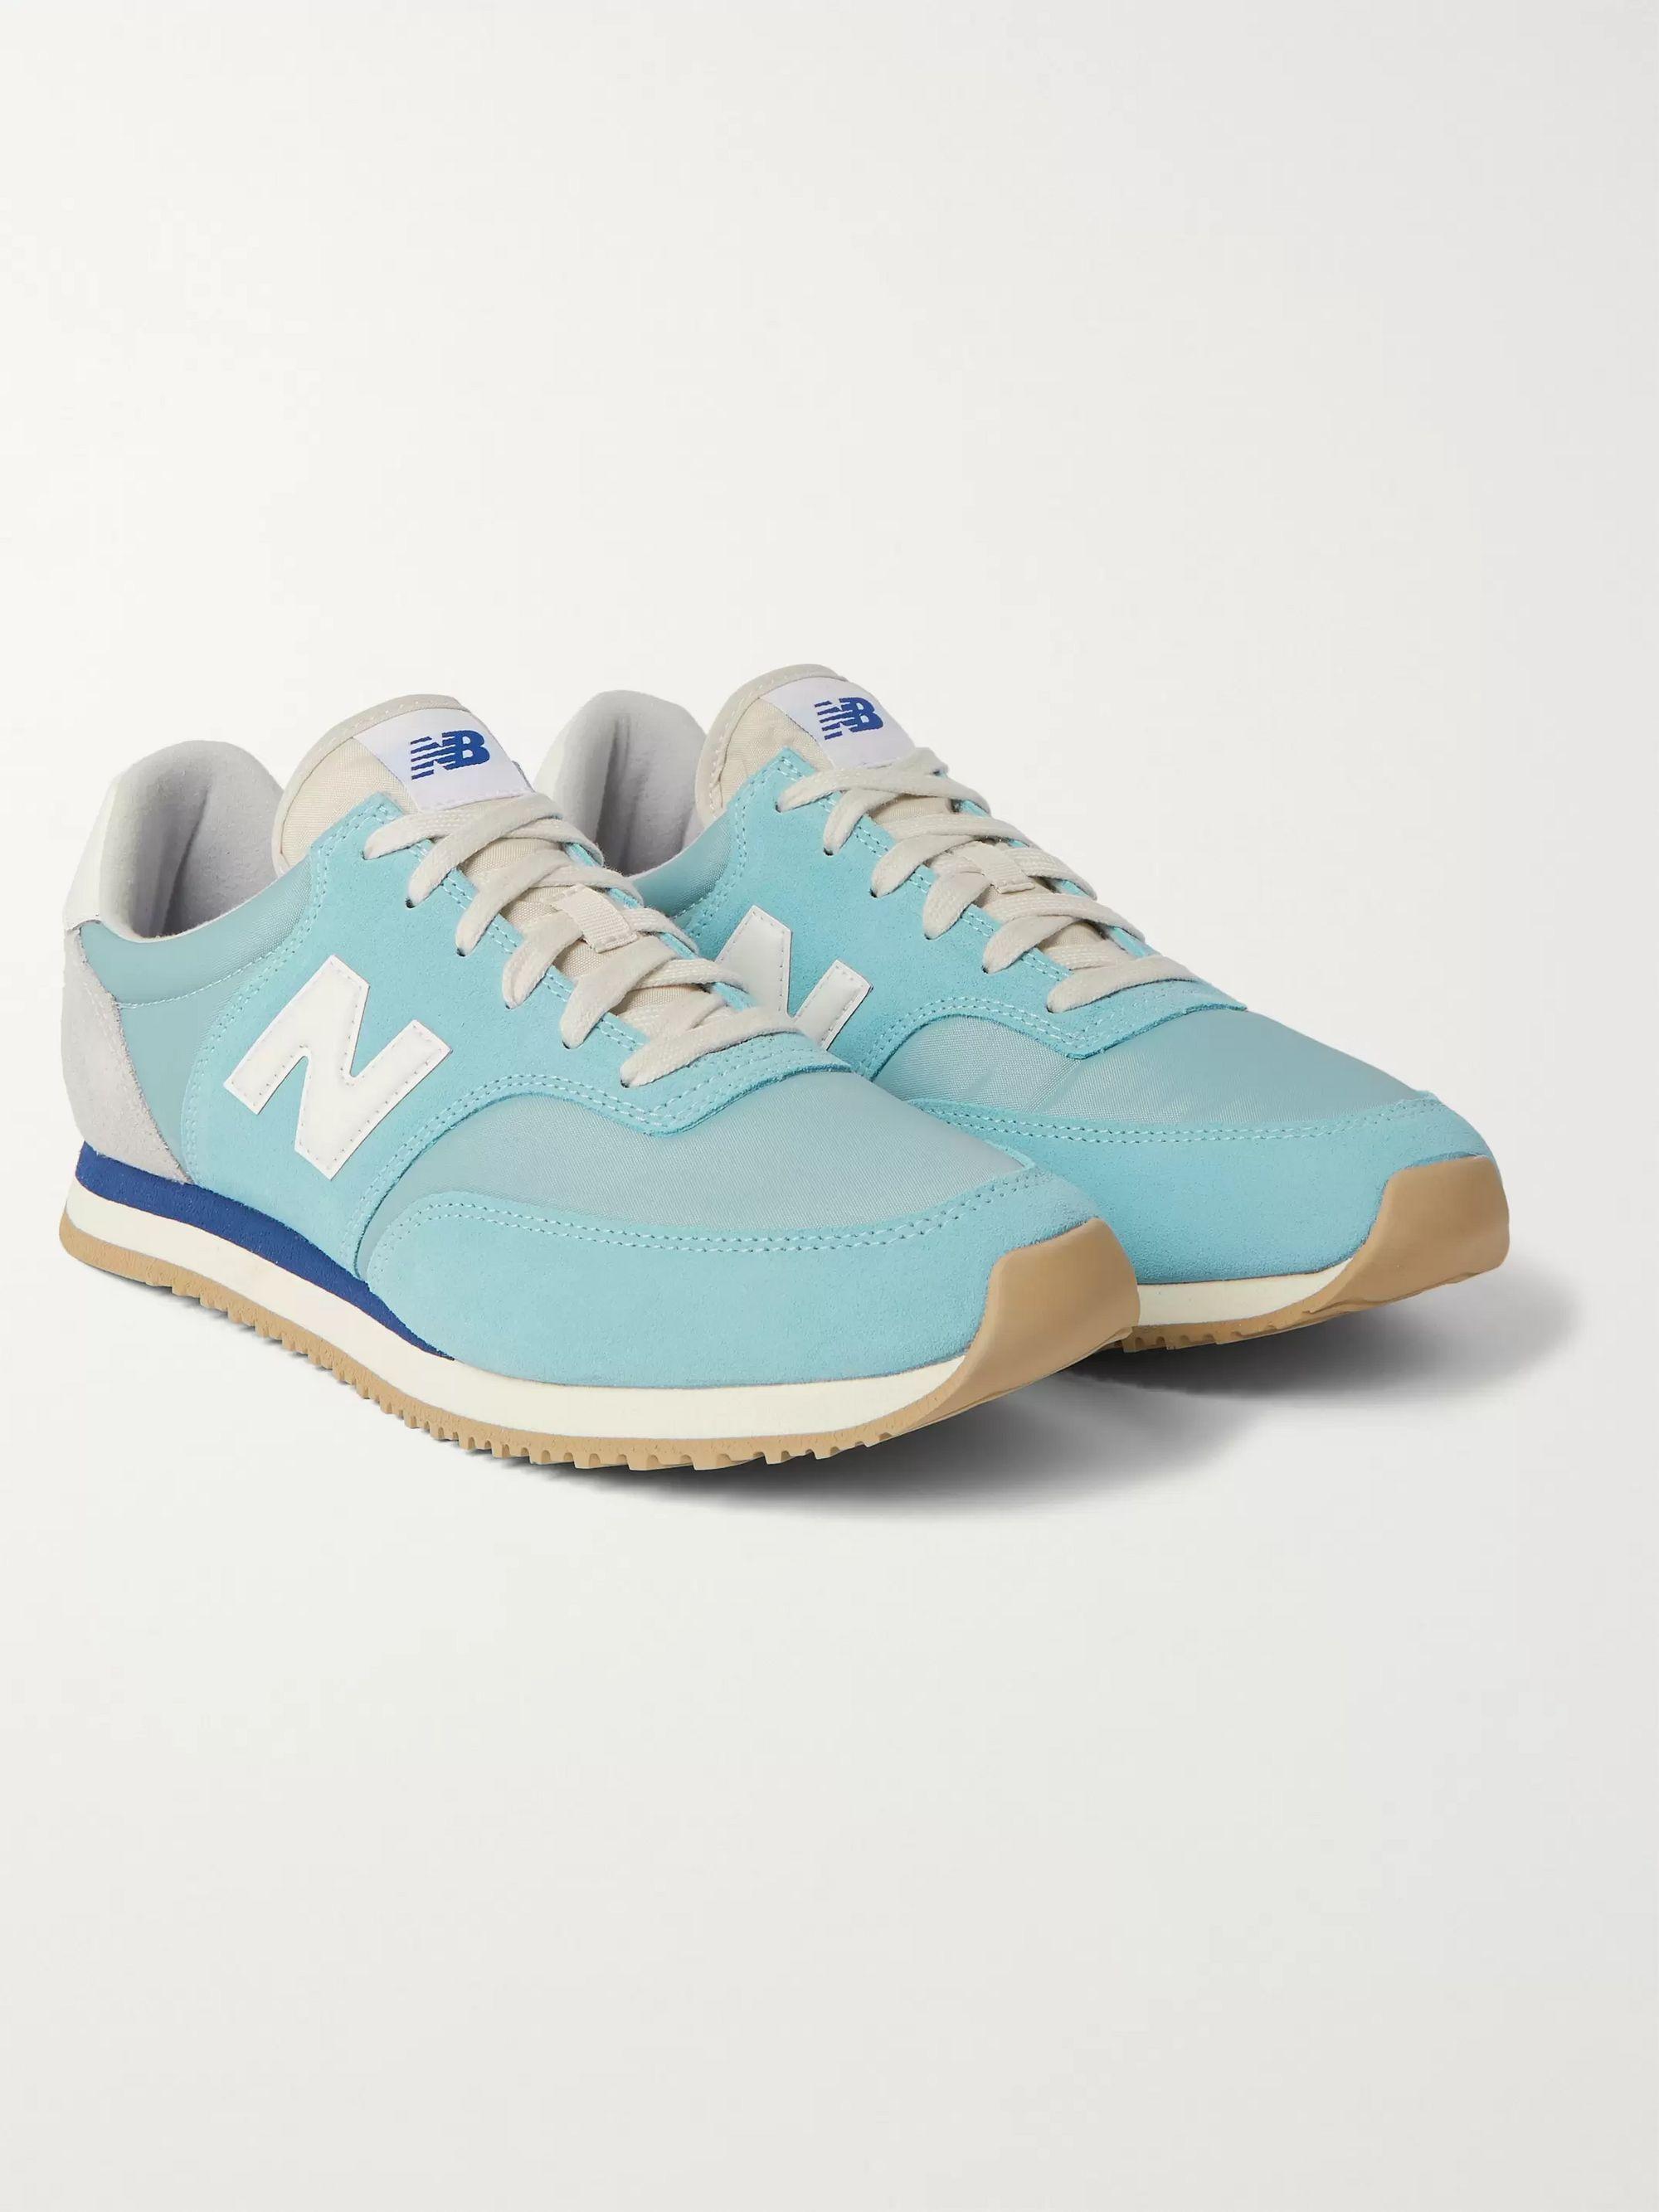 뉴발란스 New Balance Comp 100 Leather and Suede-Trimmed Shell Sneakers,Light blue